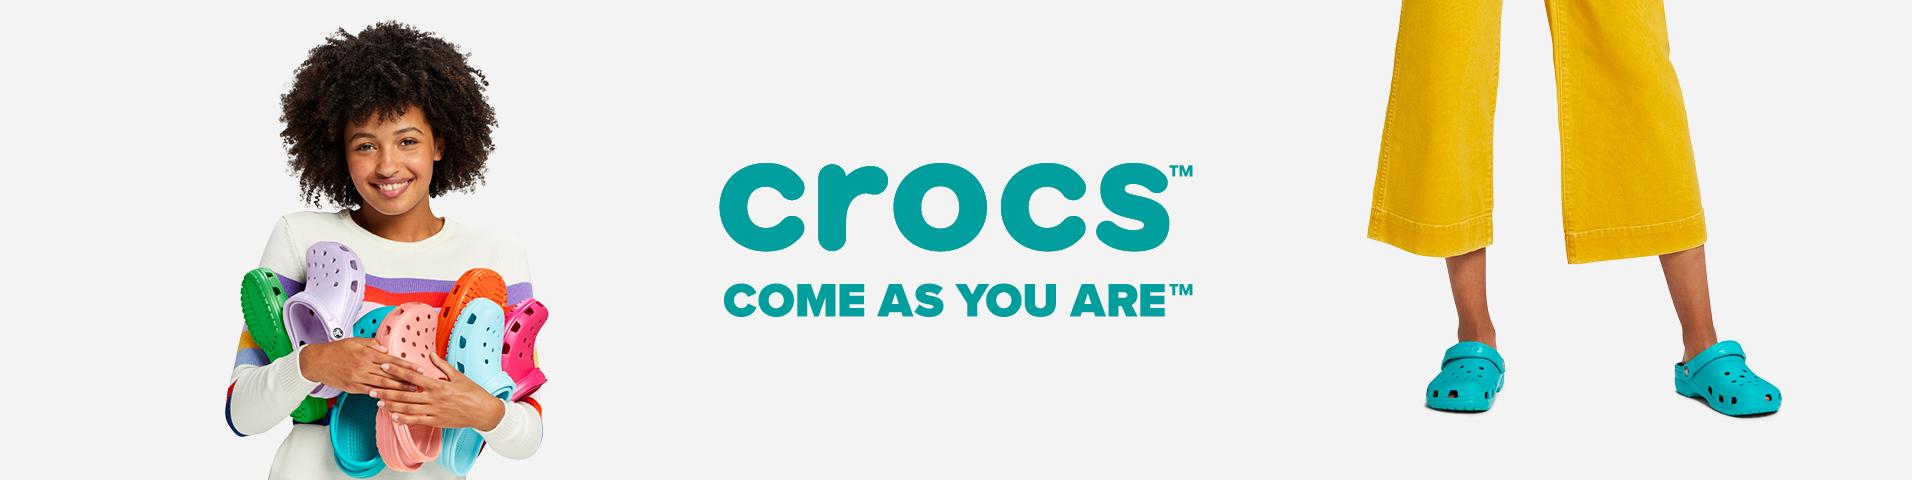 cf63a3e8d5b82 Chaussures femme Crocs